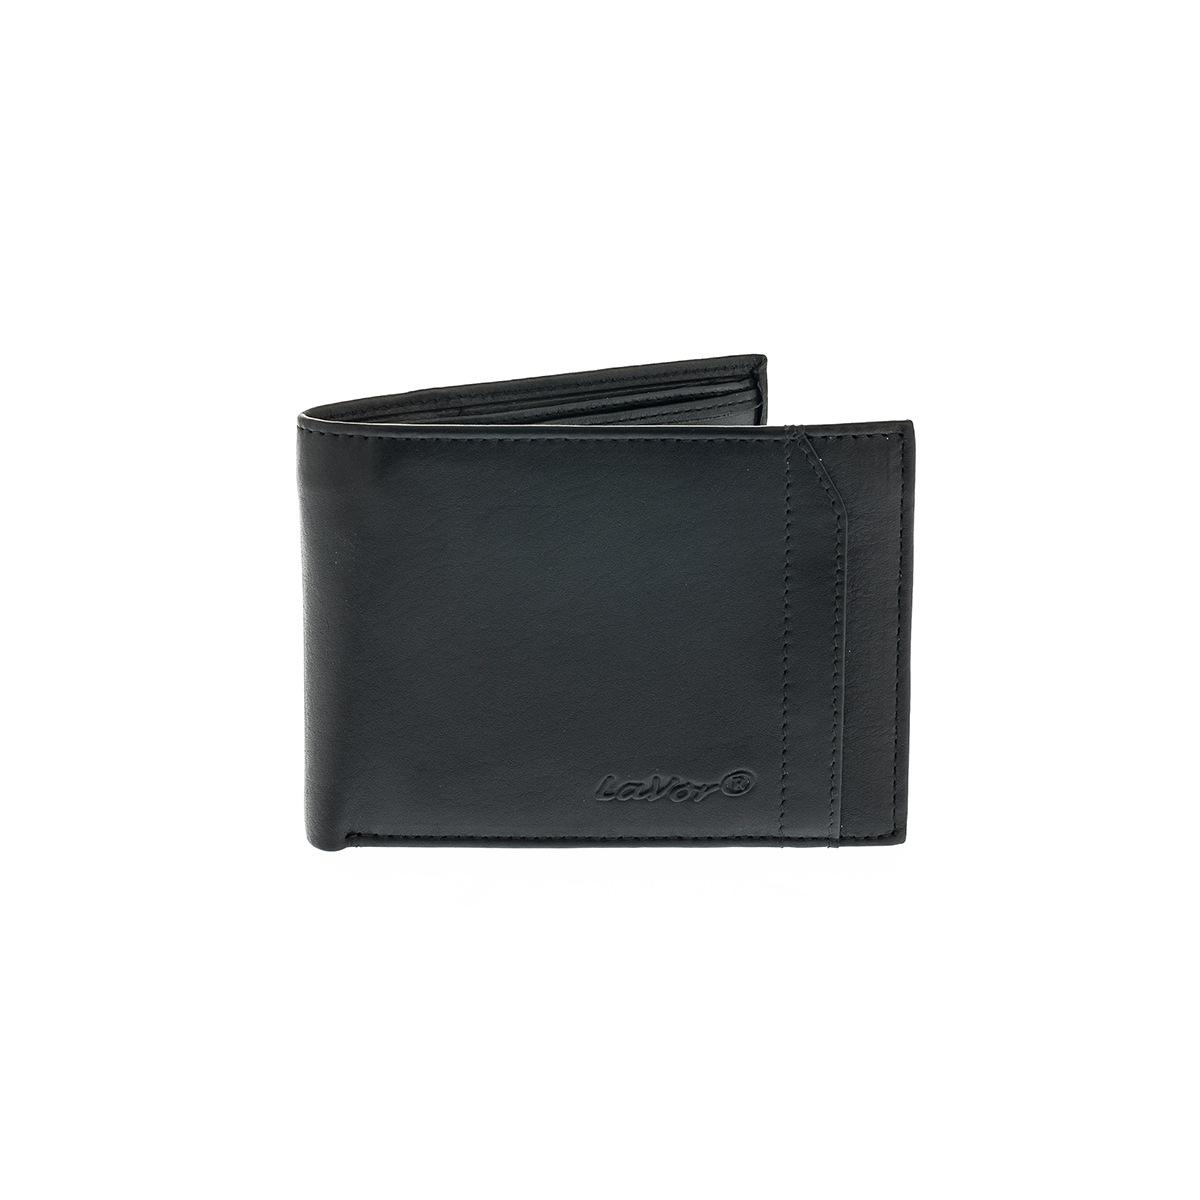 Bagsin-Lavor-7303-01-black-A1